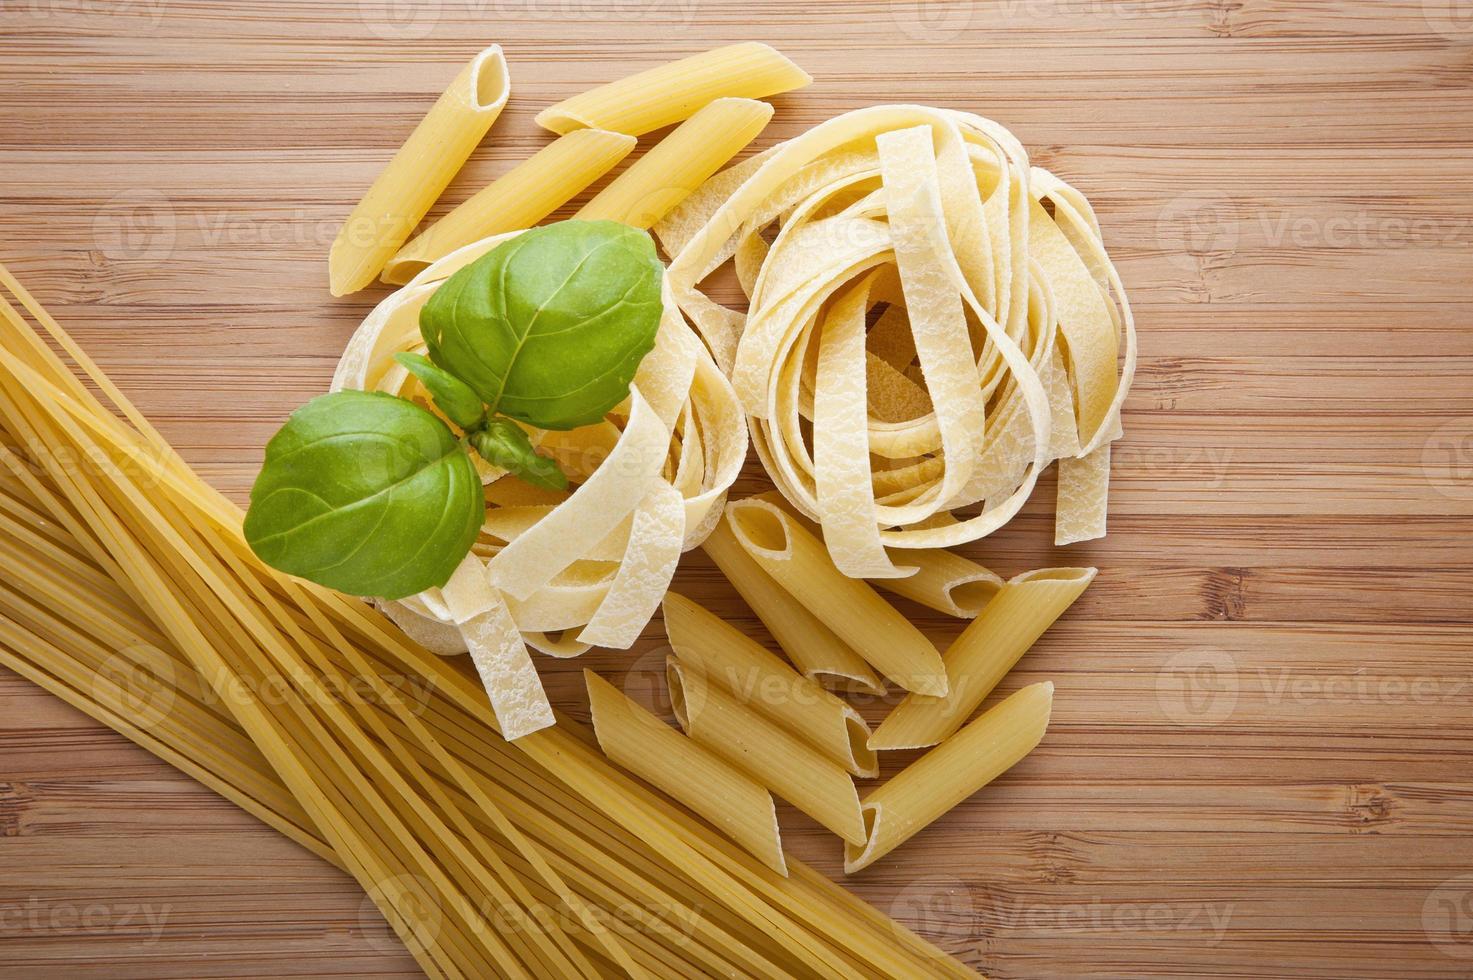 different kinds of pasta (spaghetti, fusilli, penne, linguine) photo